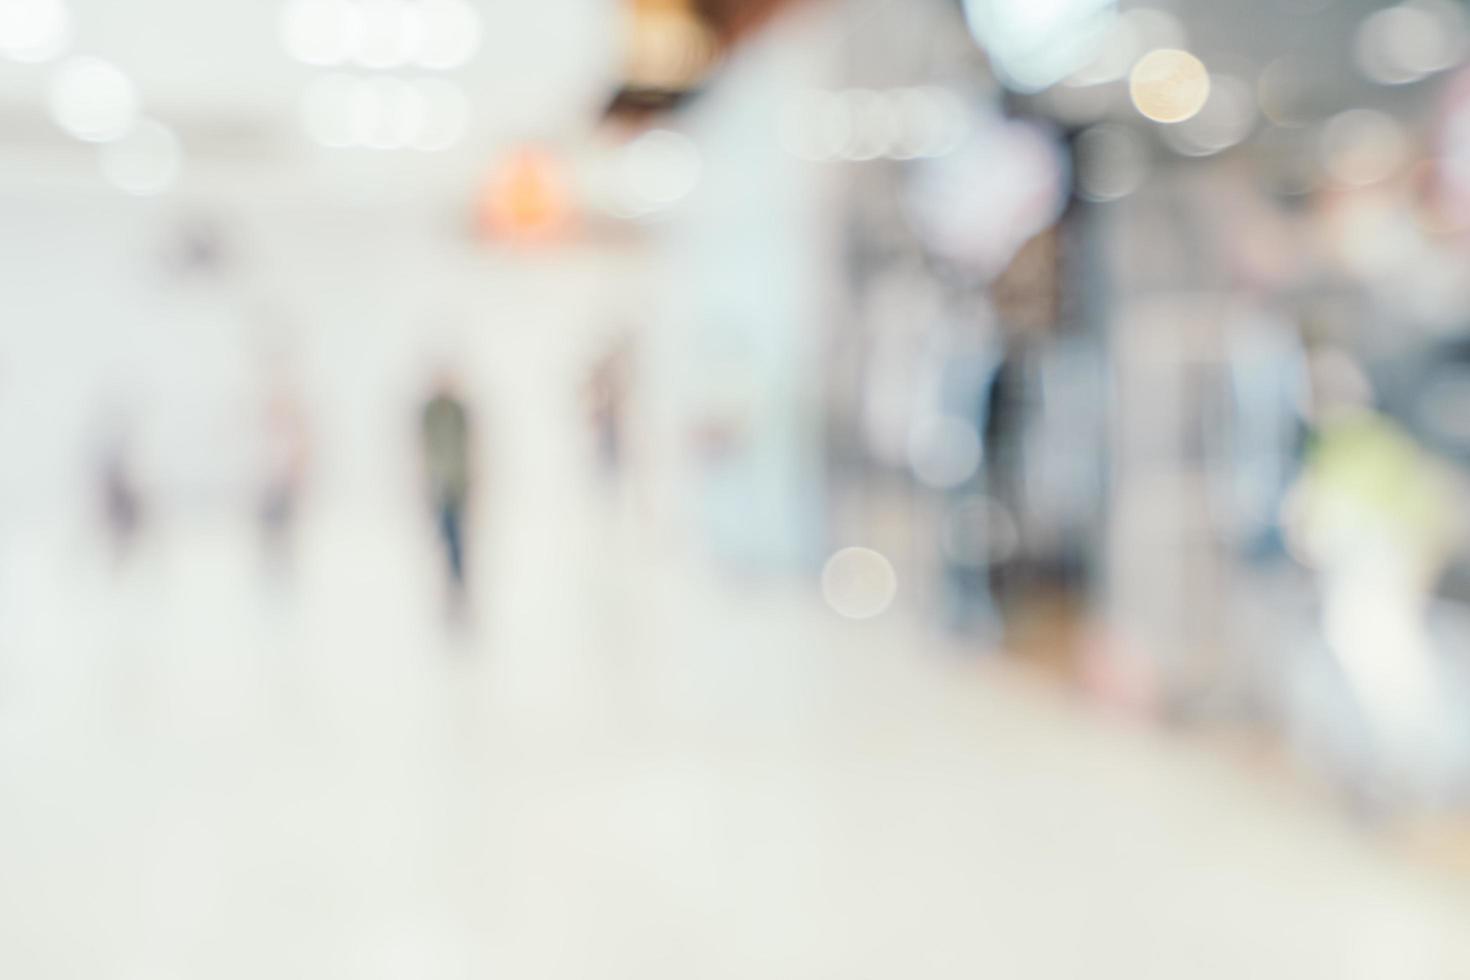 Abstrait arrière-plan intérieur du centre commercial défocalisé photo